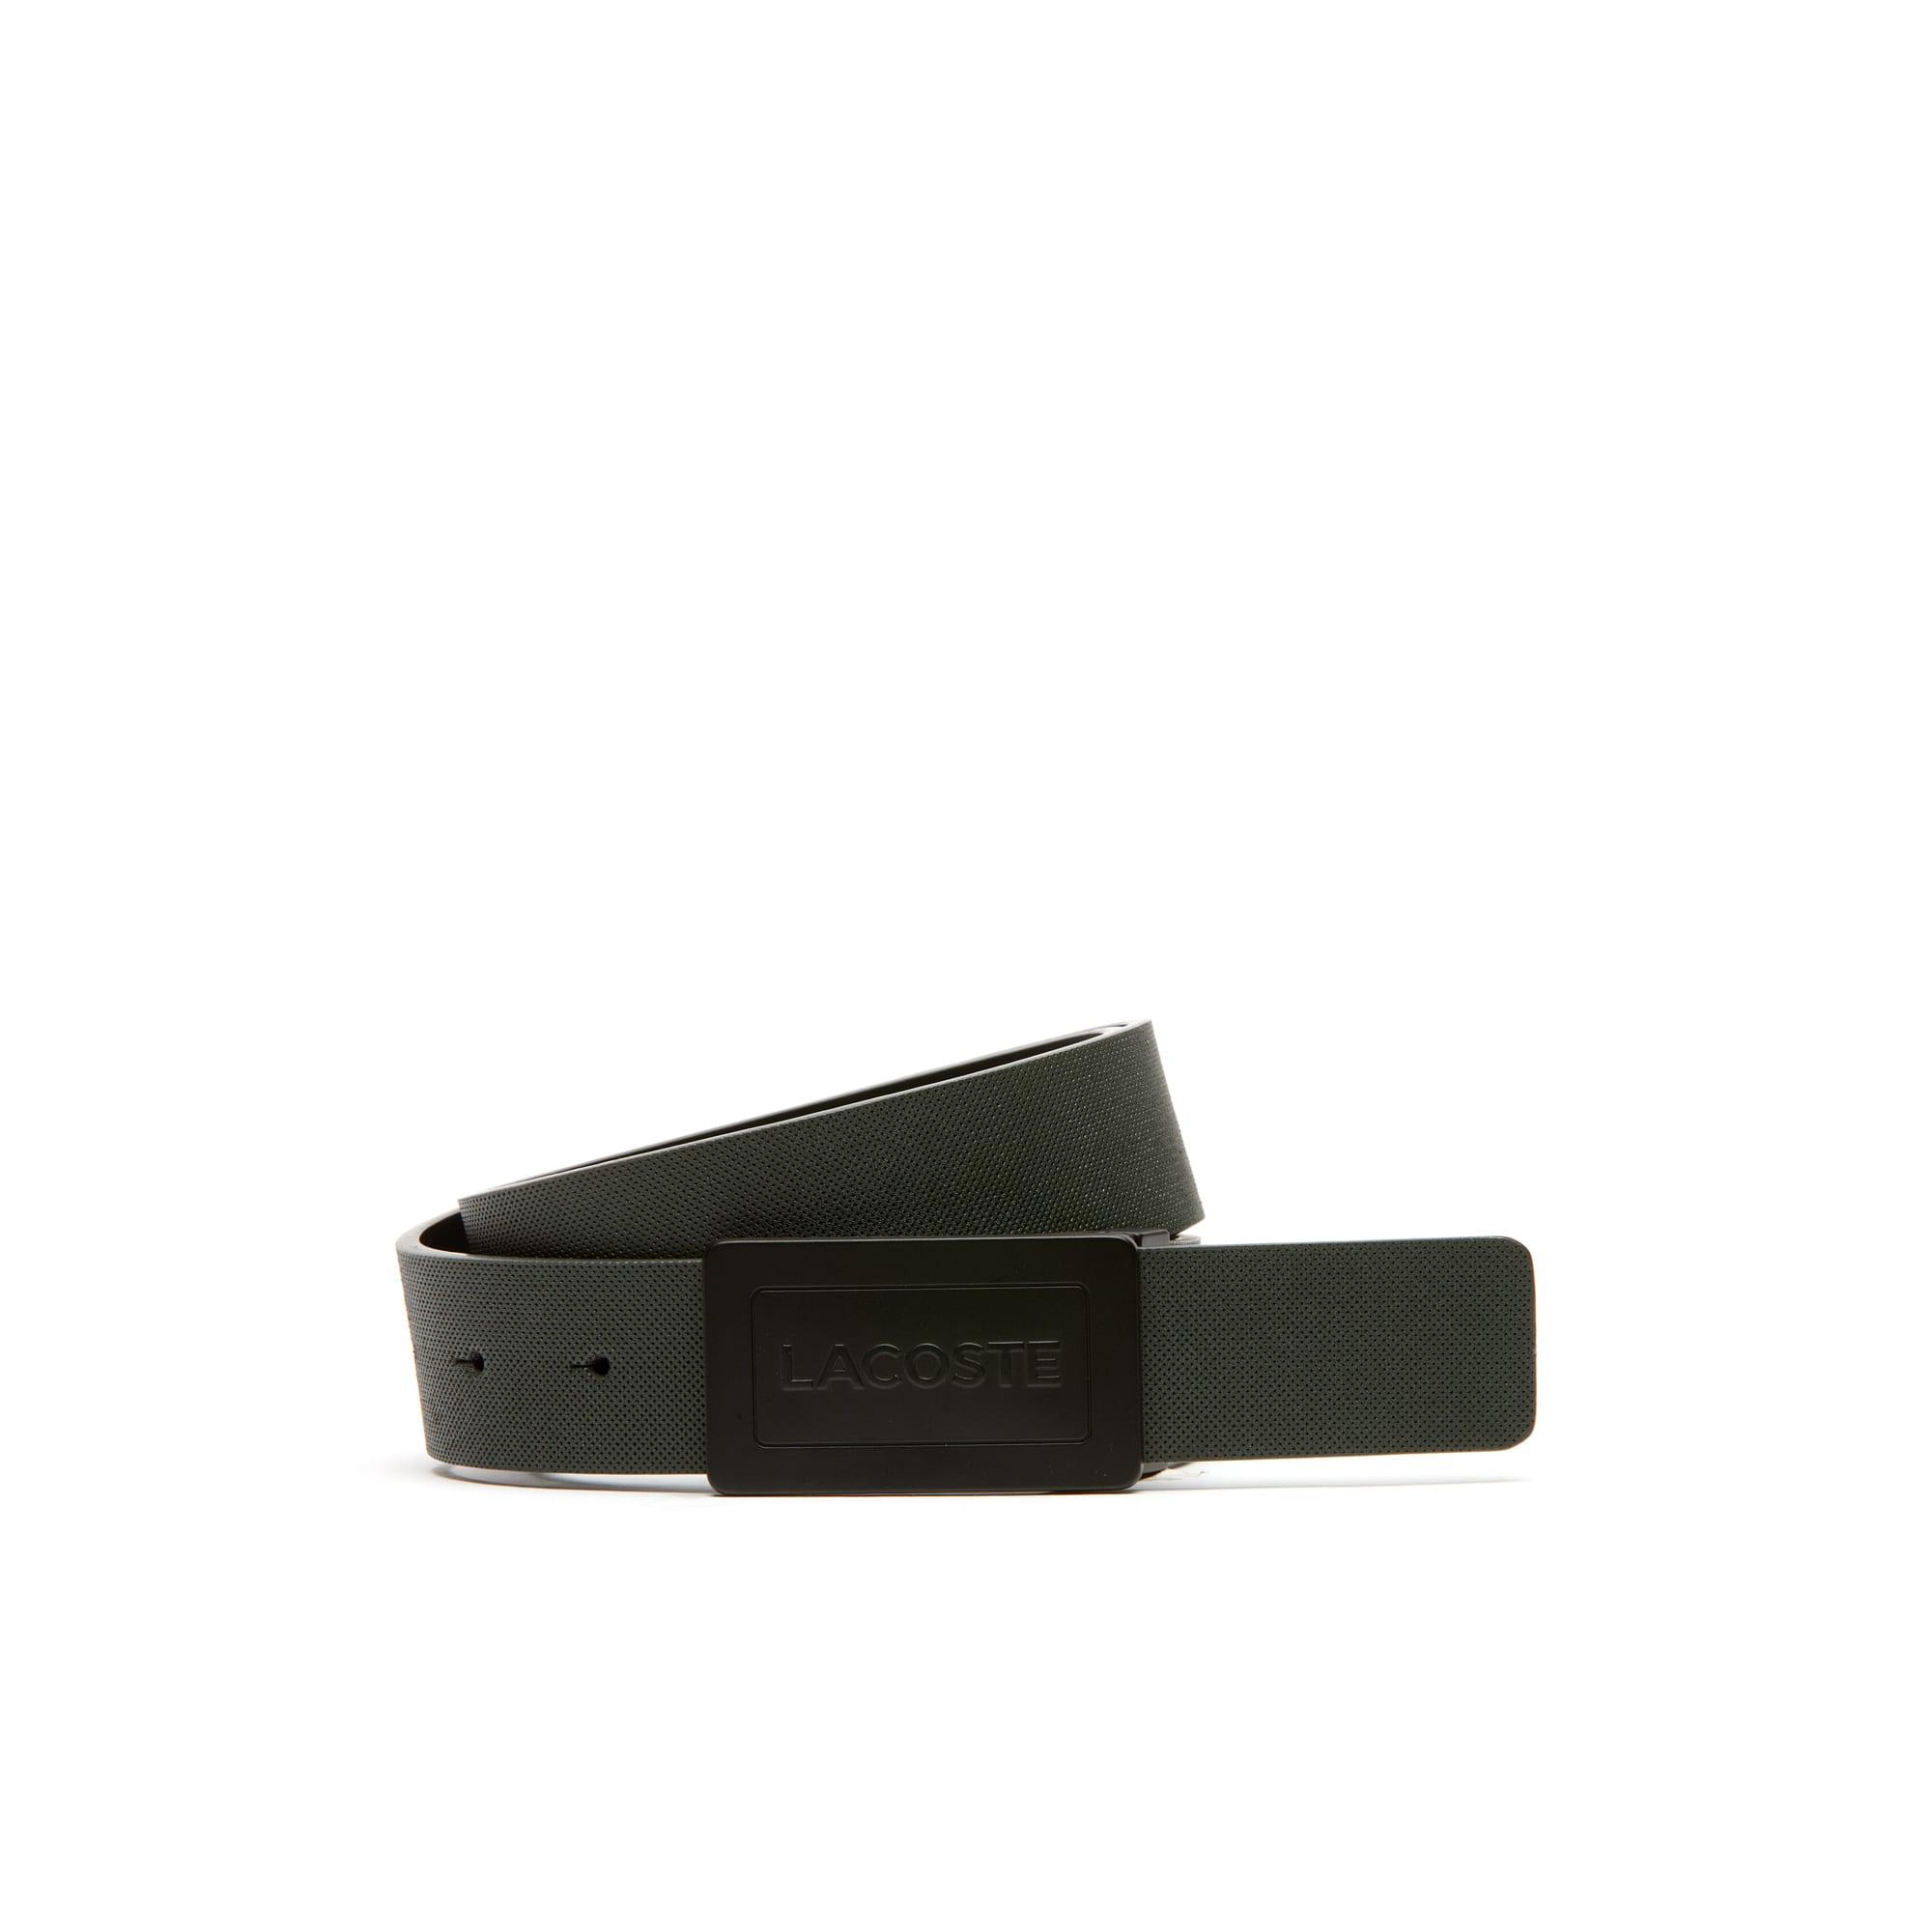 Cinturón Edwards reversible de cuero con petit piqué repujado